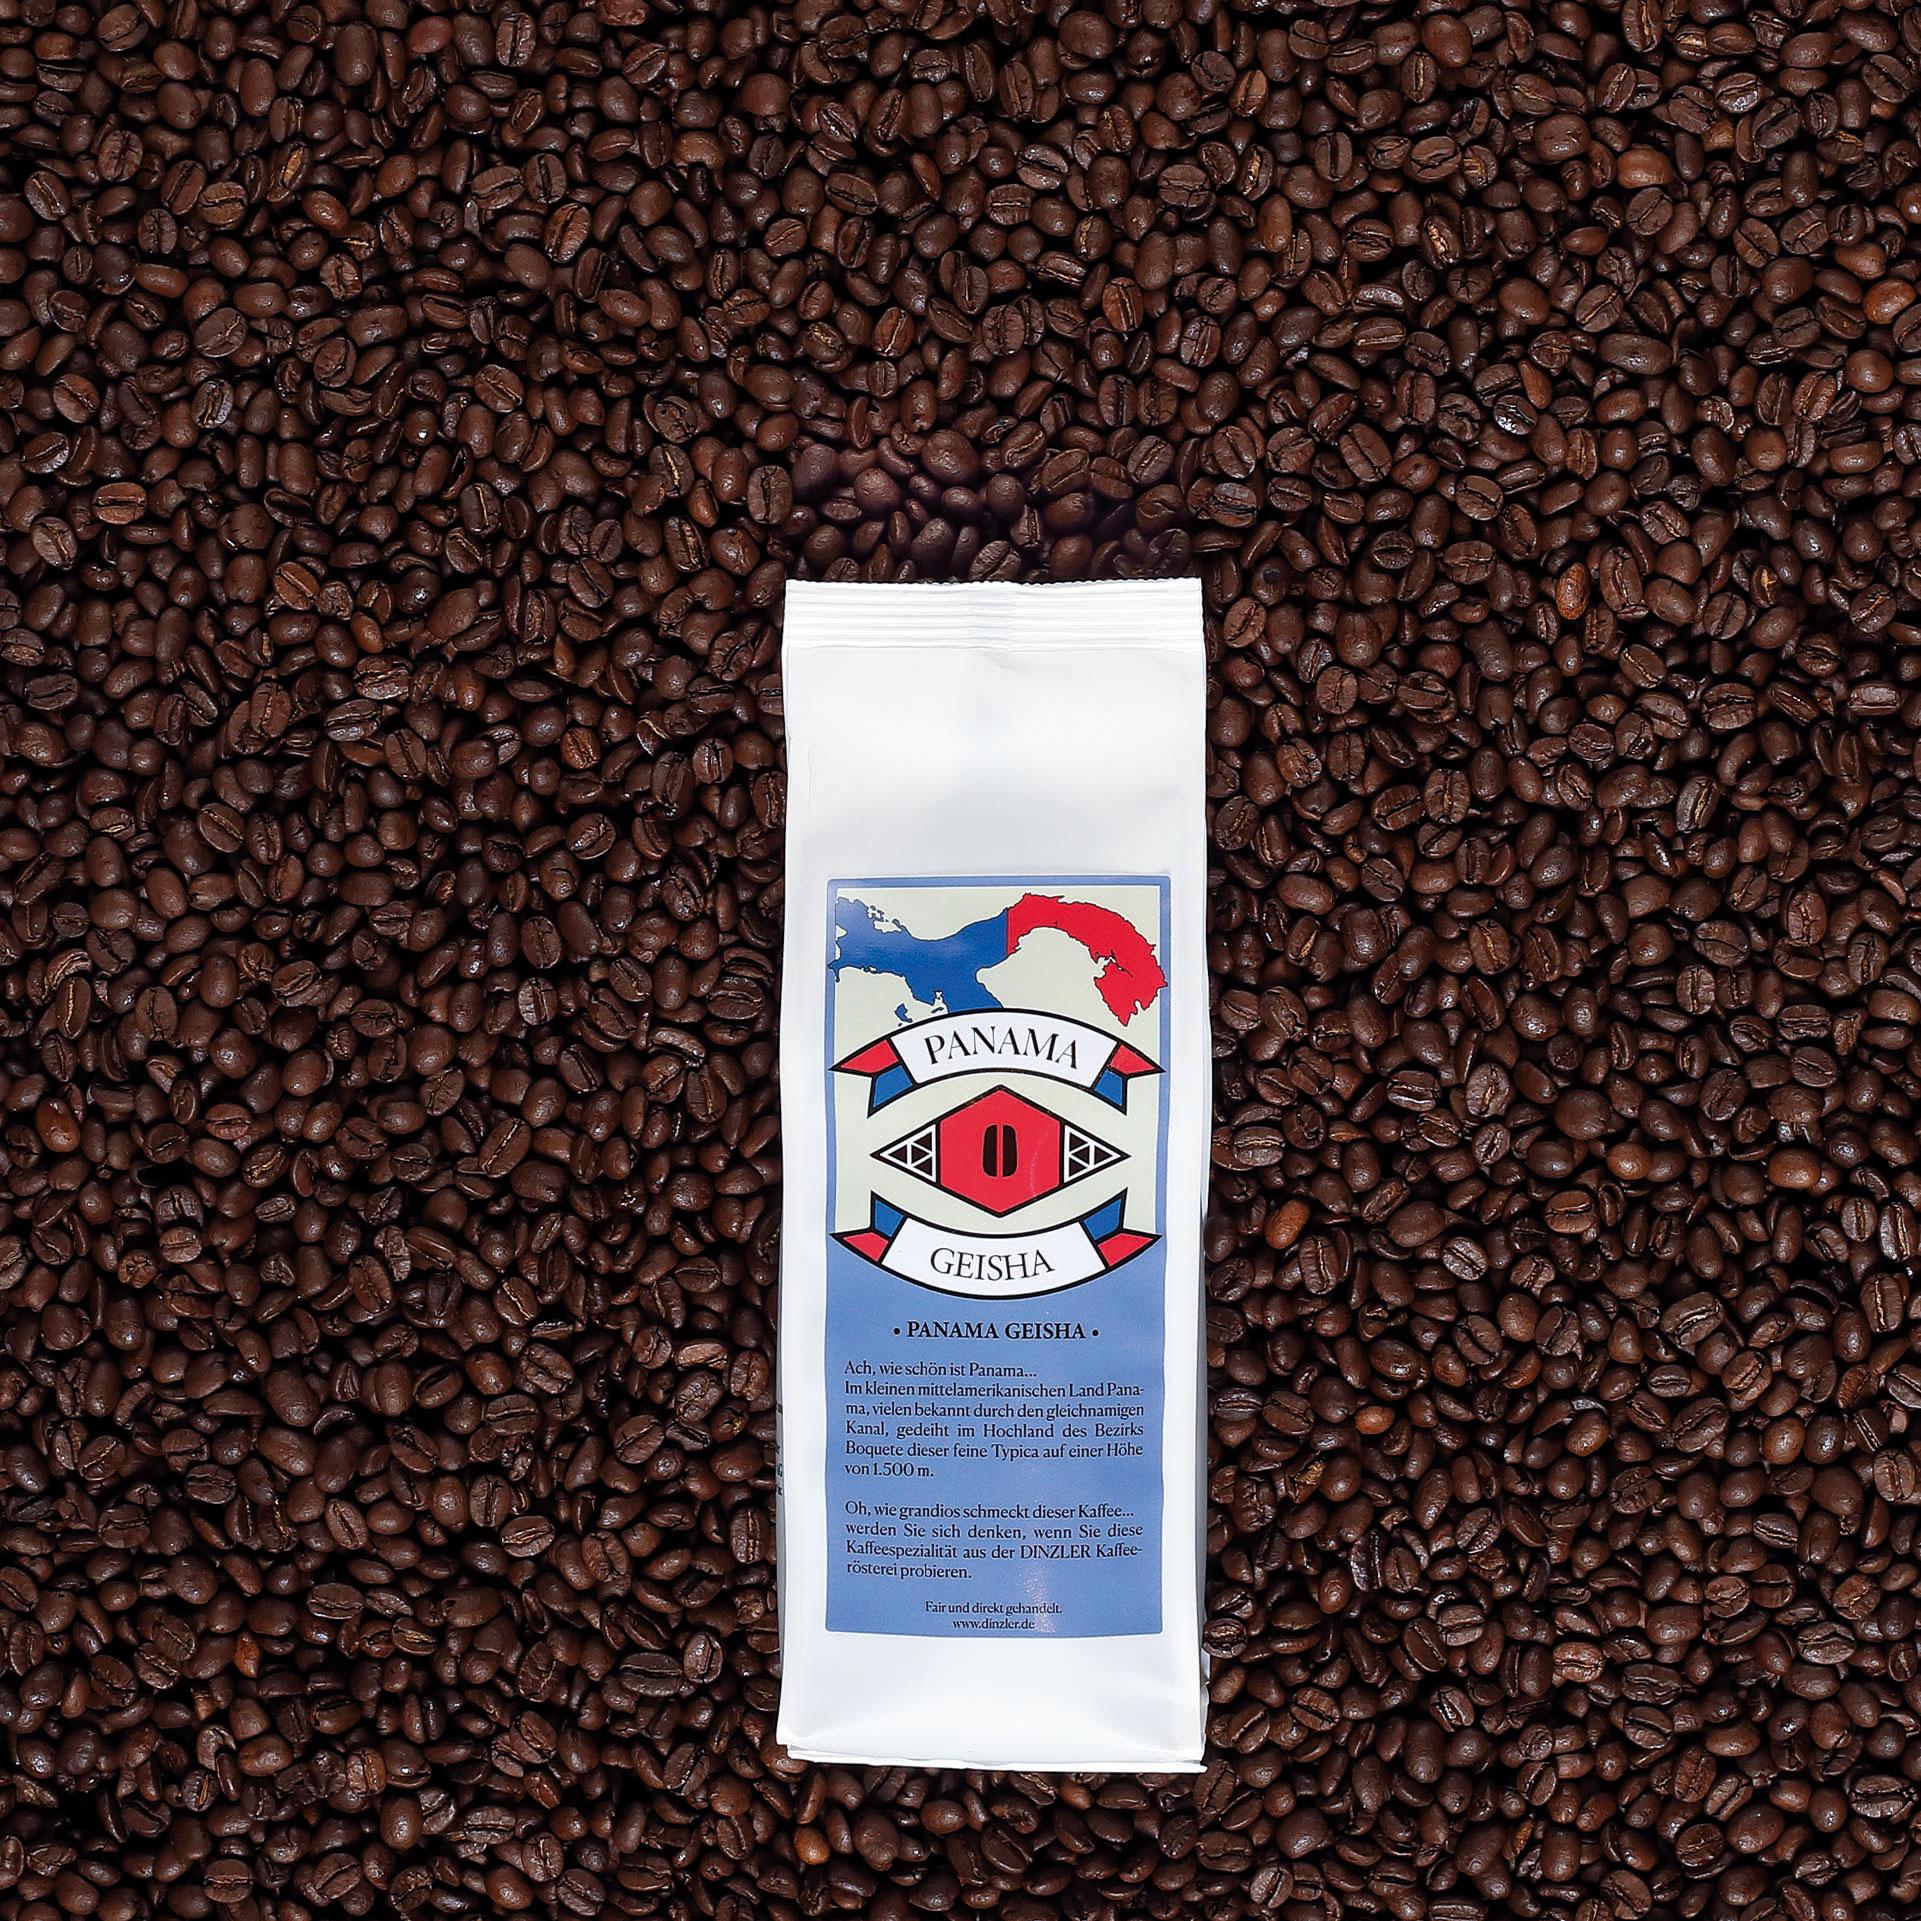 Kaffee Panama Geisha | DINZLER Shop